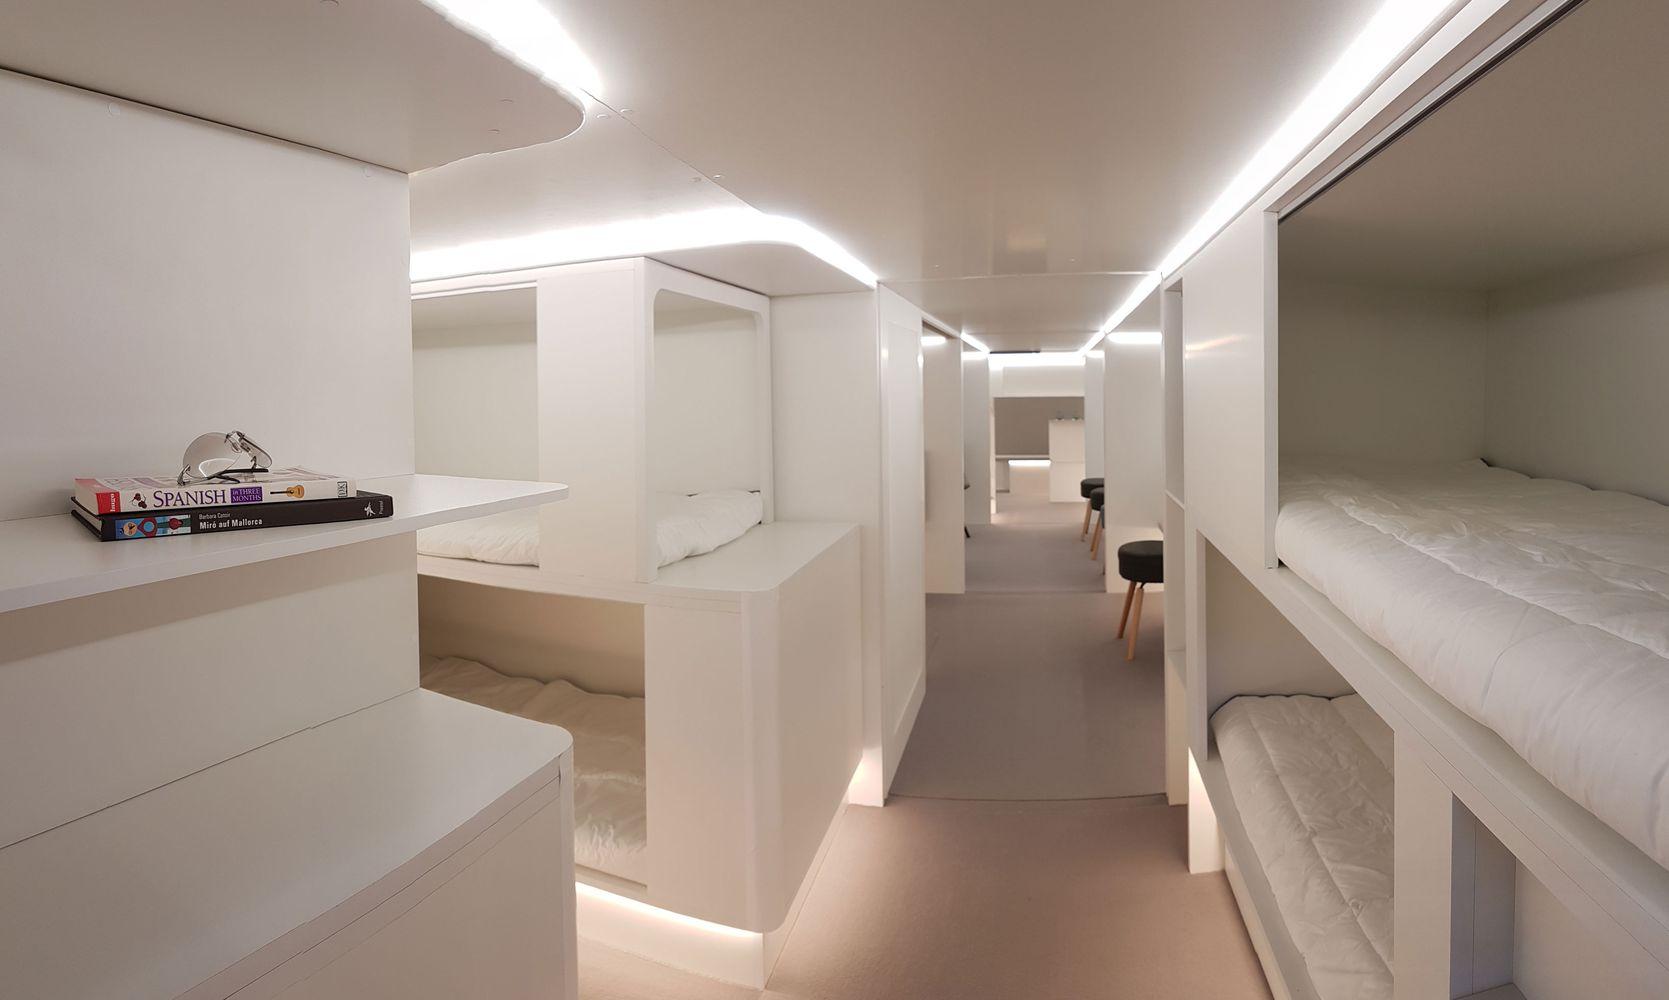 Diseño de cabinas: Galardonan propuestas de dos aerolíneas, una universidad, cuatro proveedores y un fabricante de aviones